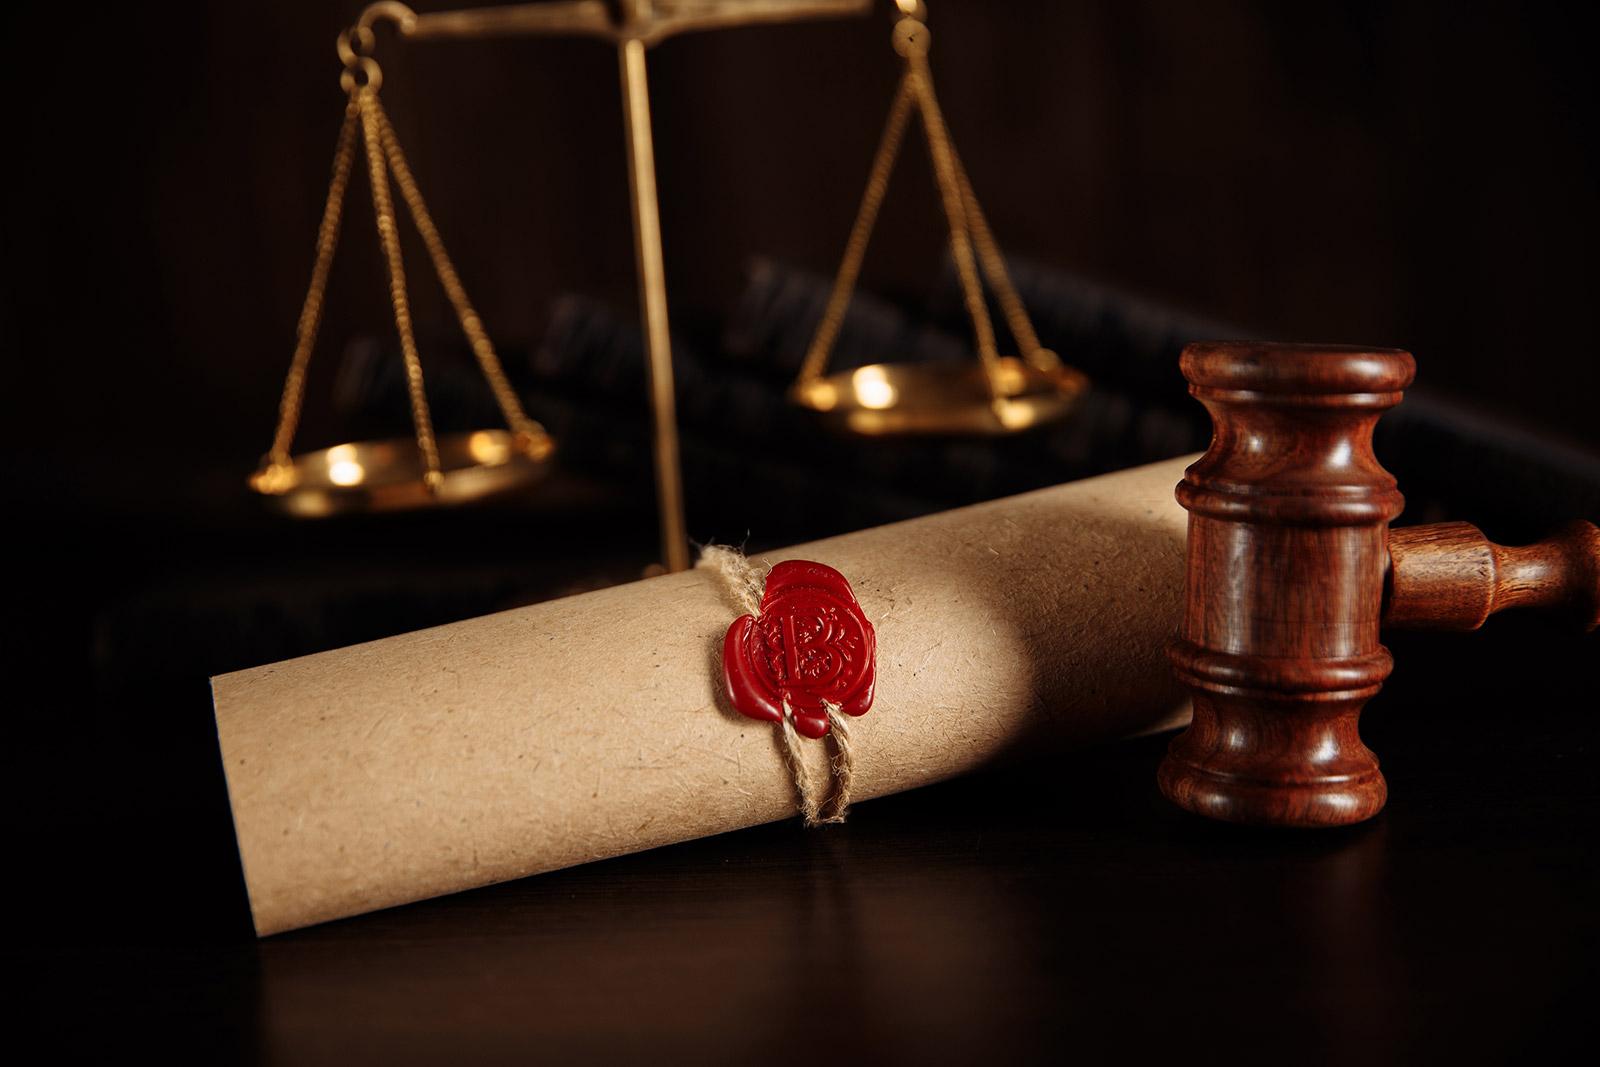 ערוך דין לתובענות ייצוגיות